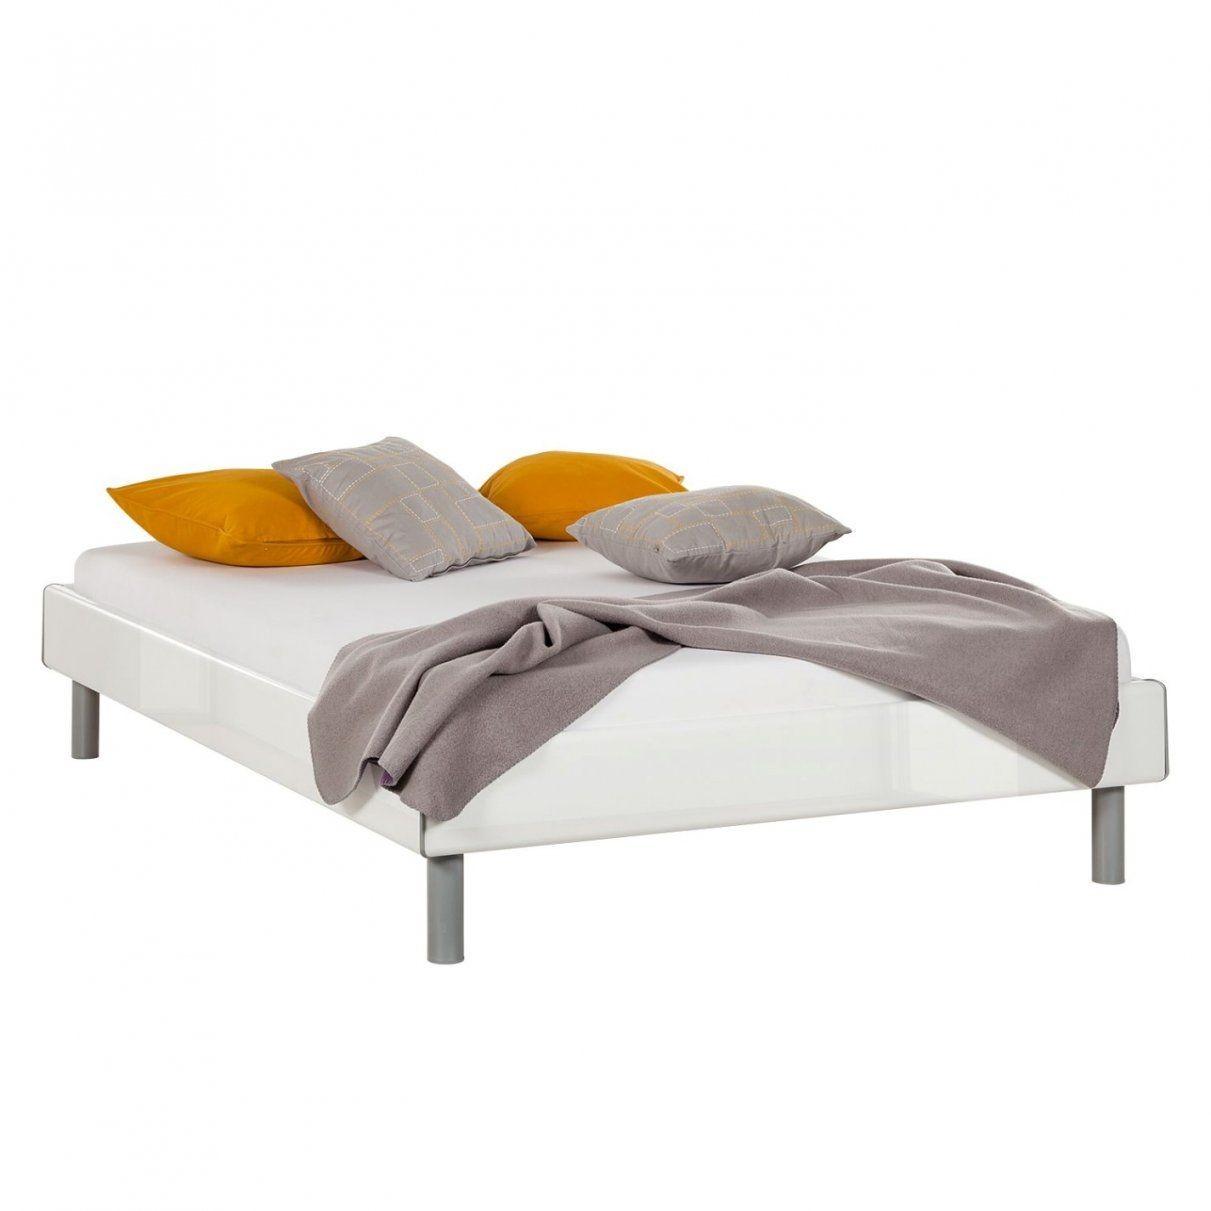 Wunderbar Bett Weiss Holz Weis 180X200 Ohne Kopfteil 120X200 von Bett Weiß Ohne Kopfteil Bild